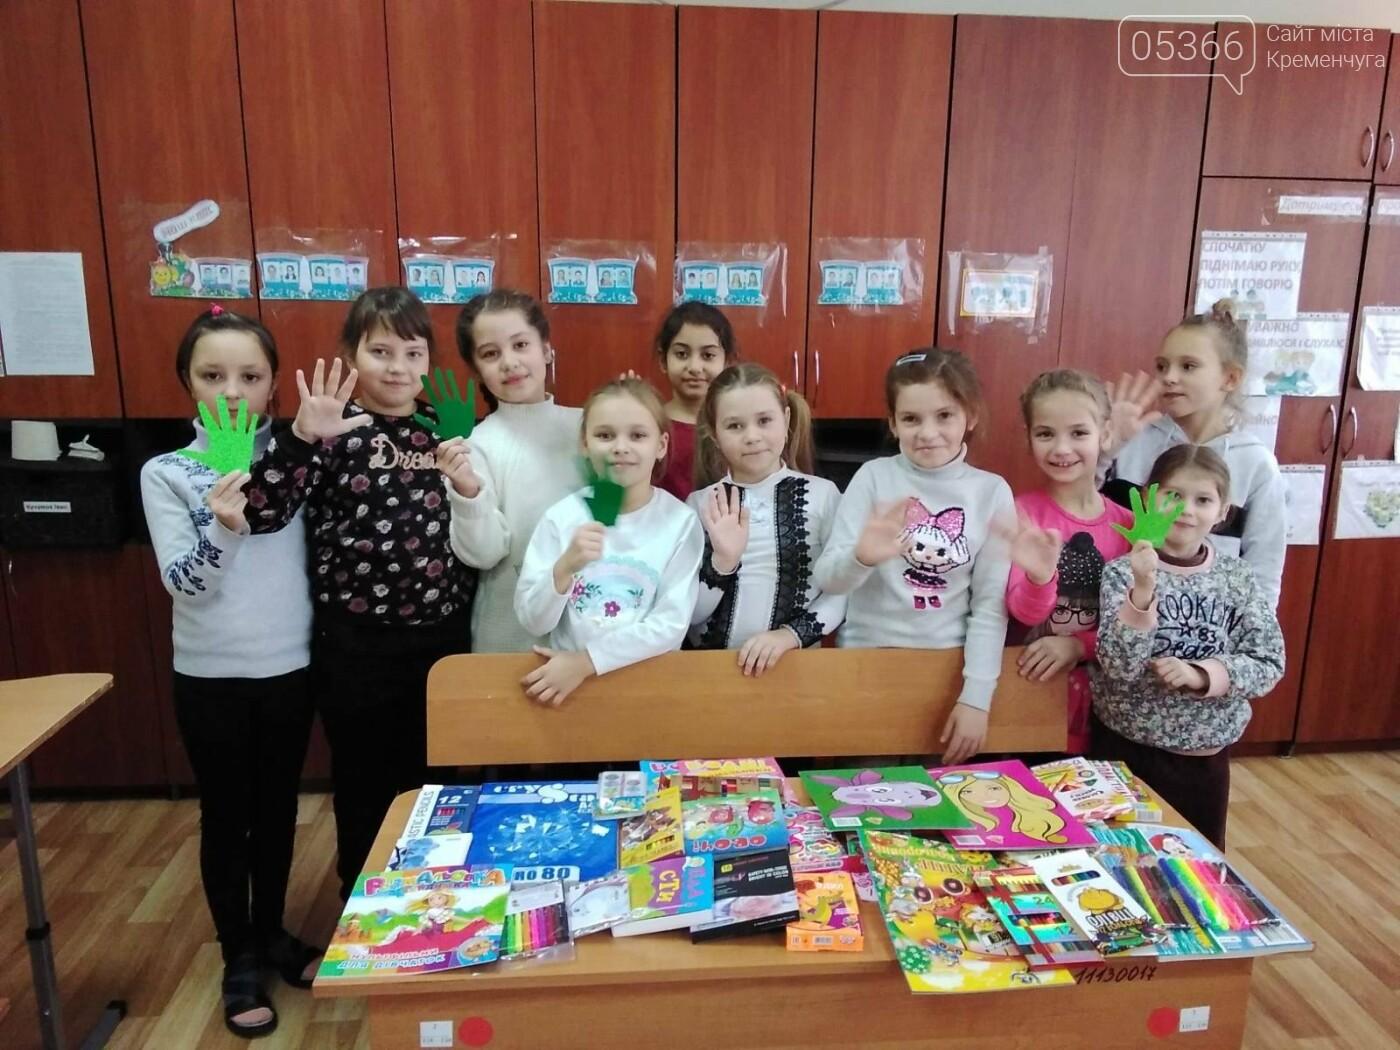 """Кременчуцькі учні зібрали """"Коробки хоробрості"""" для онкохворих, фото-6"""